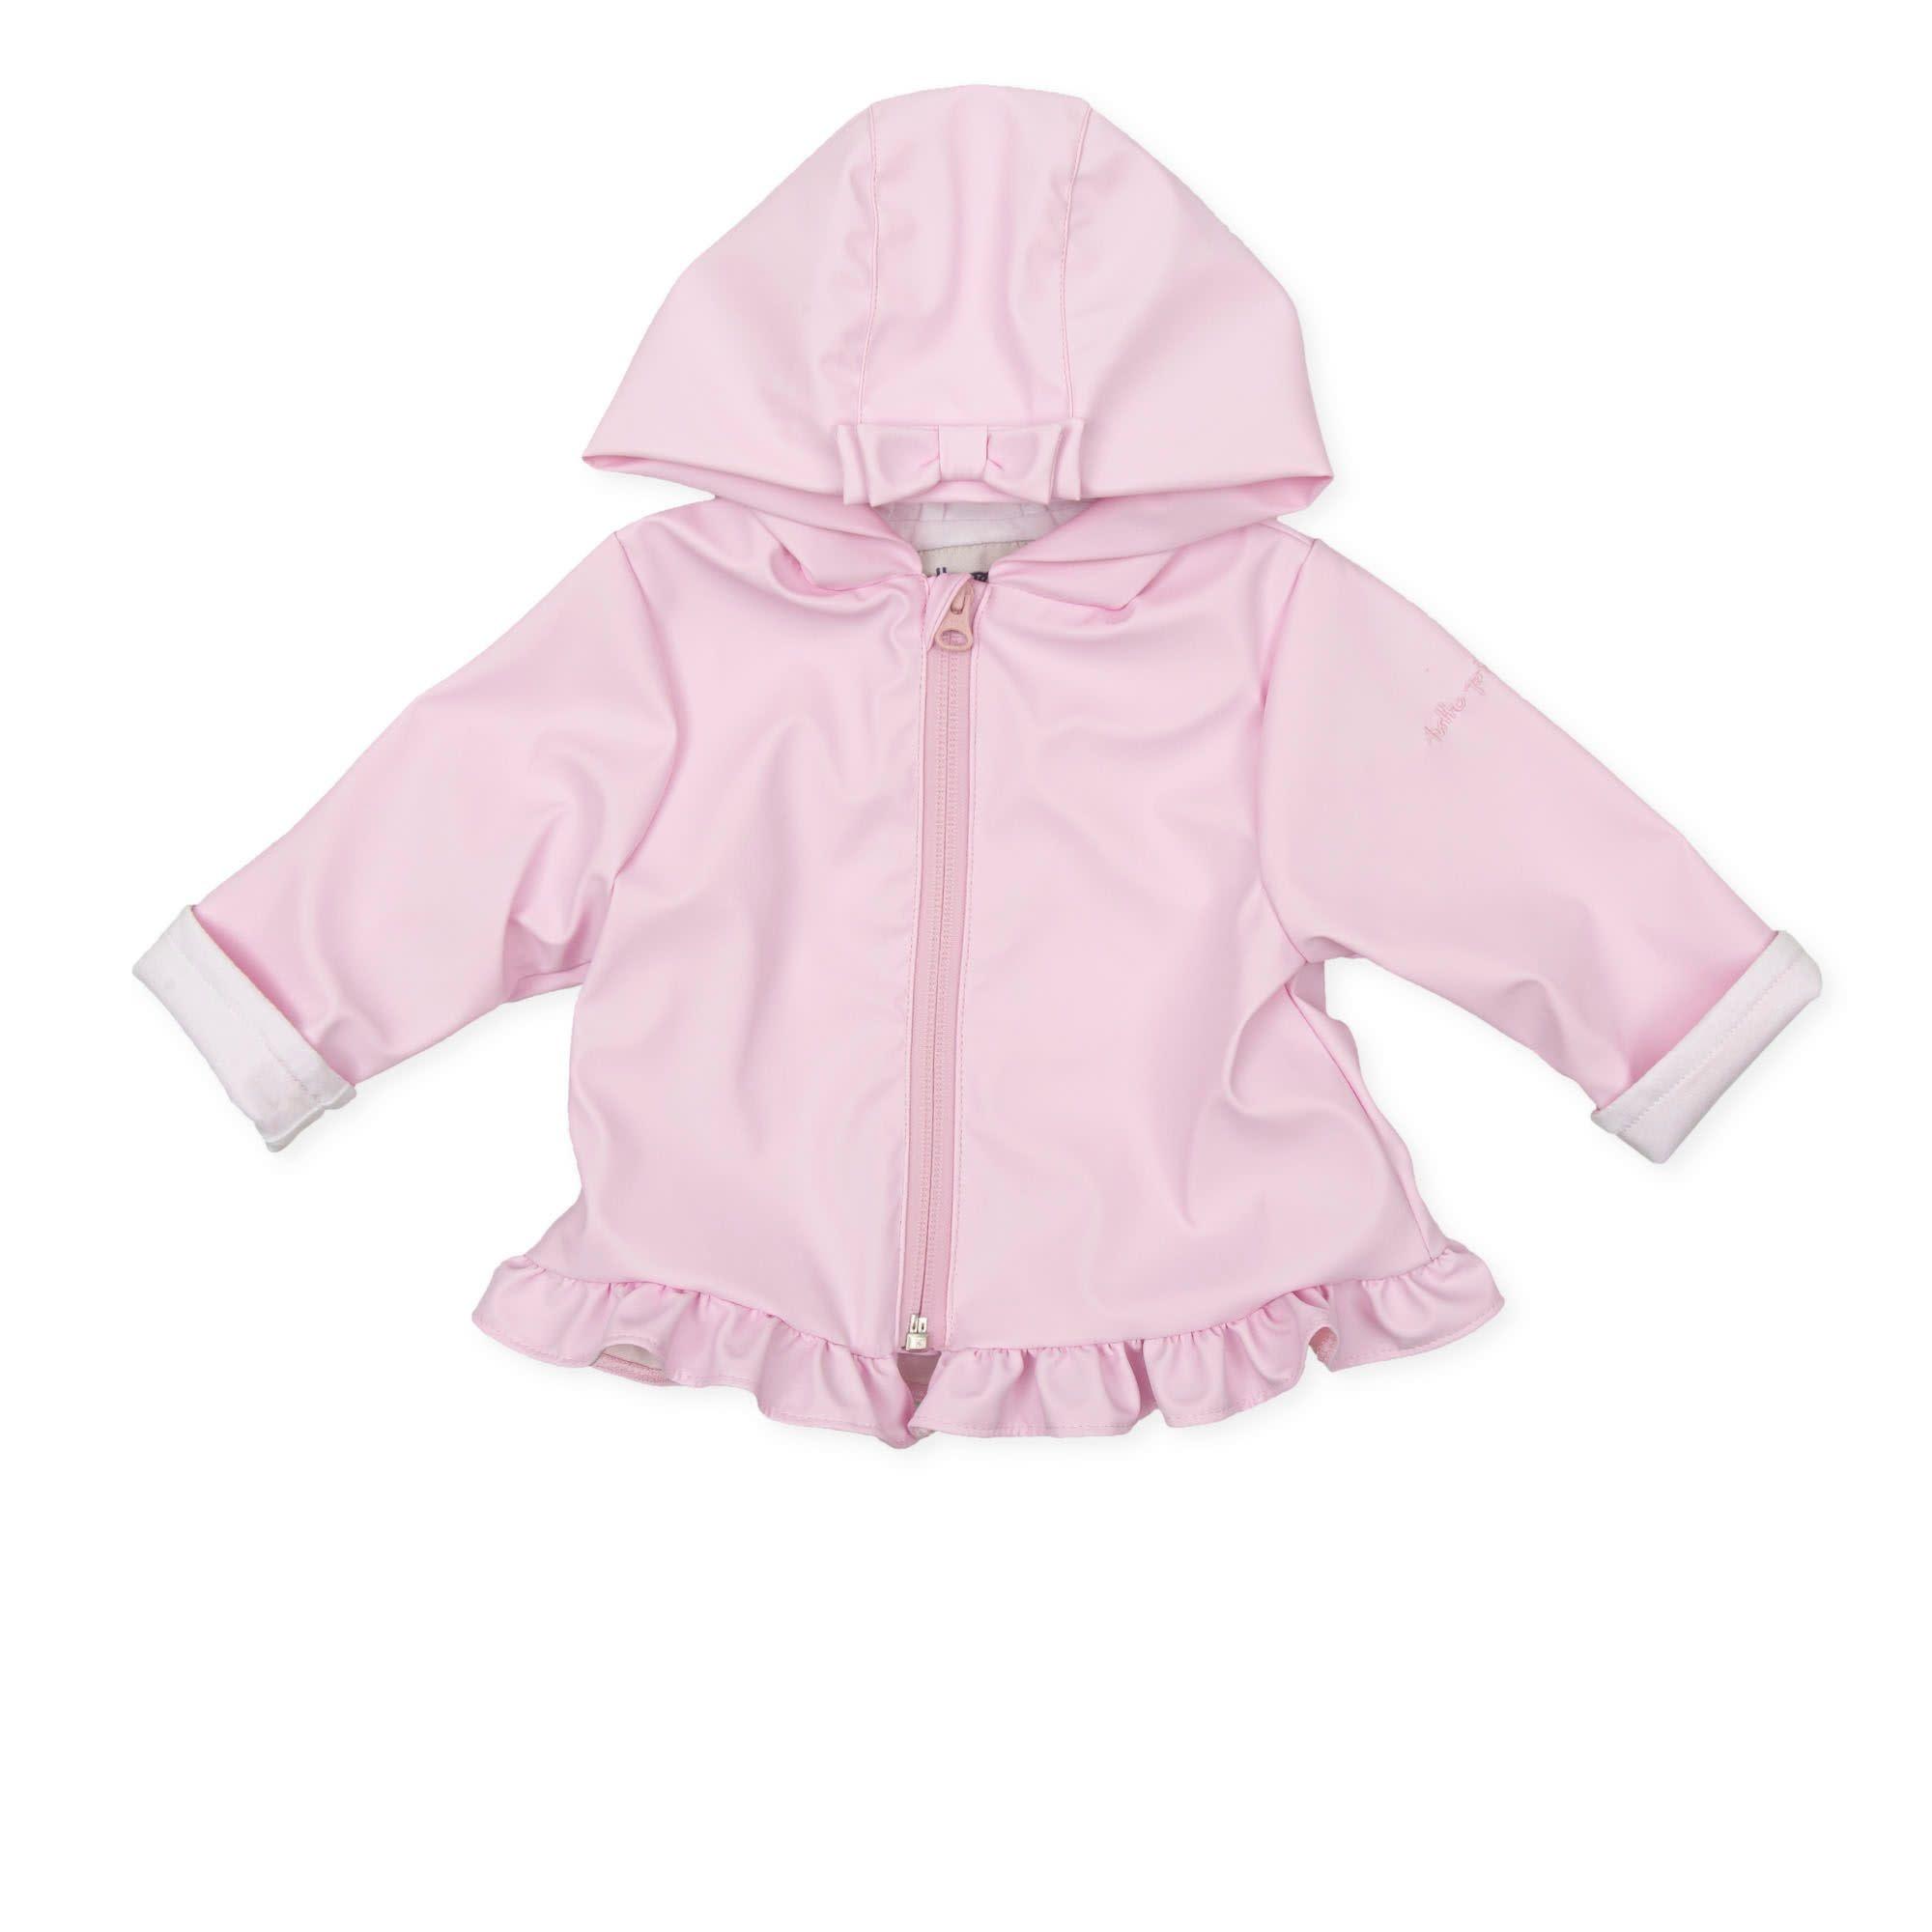 Tutto Piccolo Tutto Piccolo Girls Raincoat 1523s21